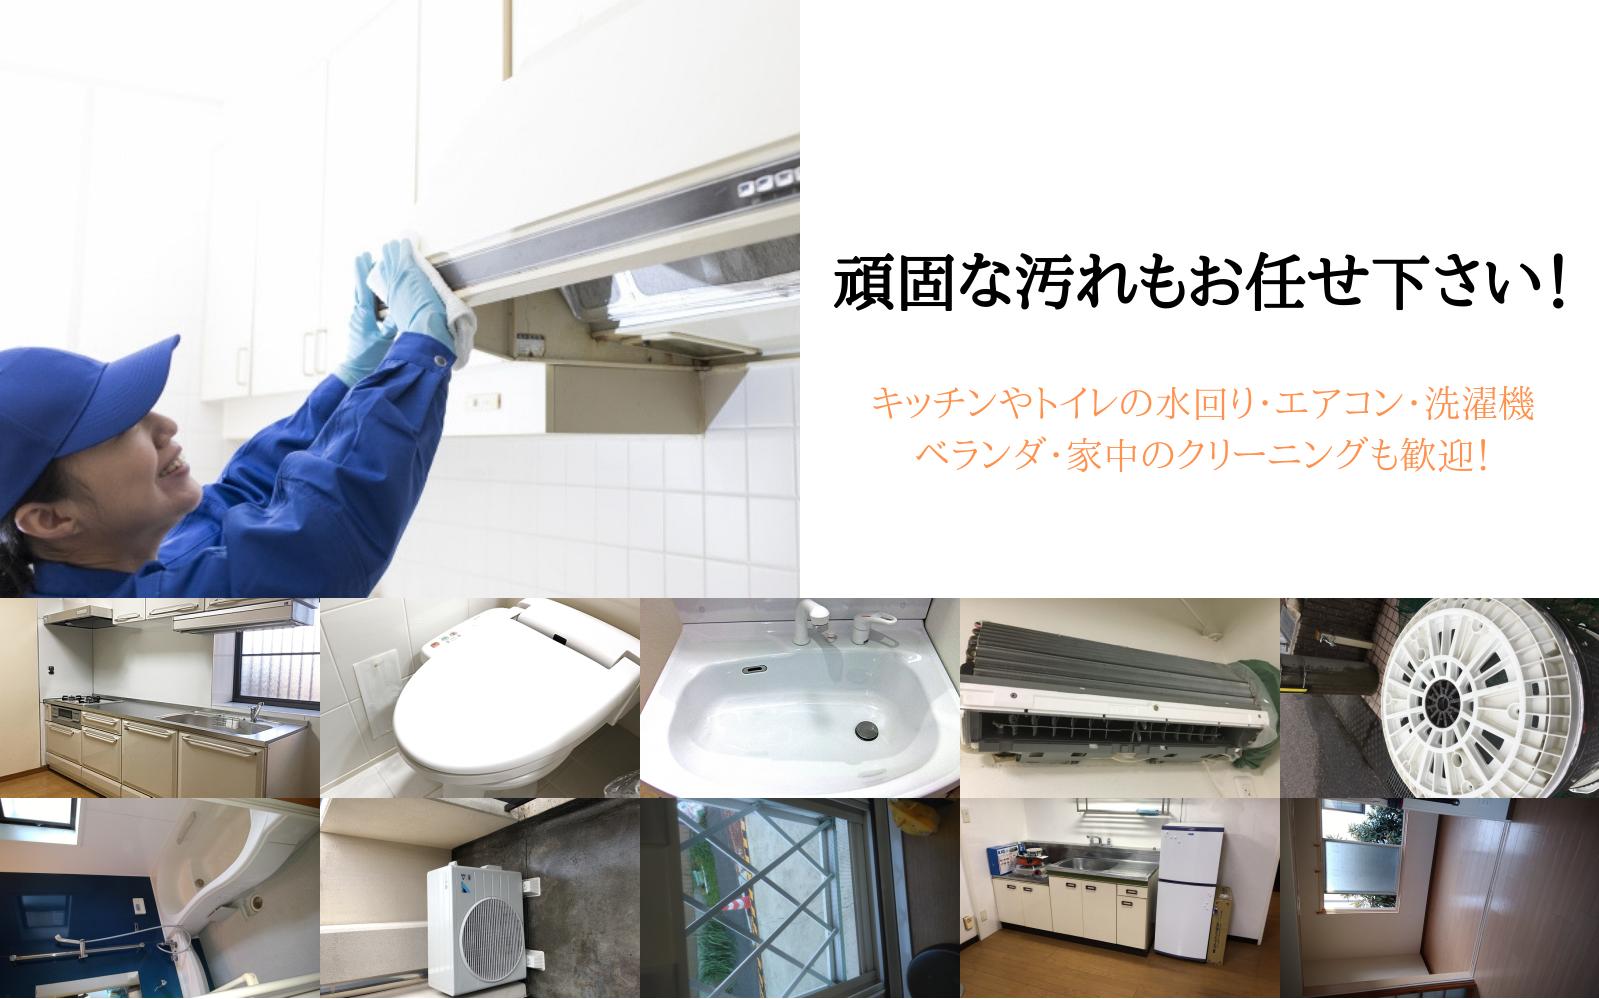 頑固な汚れもプロの力で綺麗に!全国対応のハウスクリーニングサービス